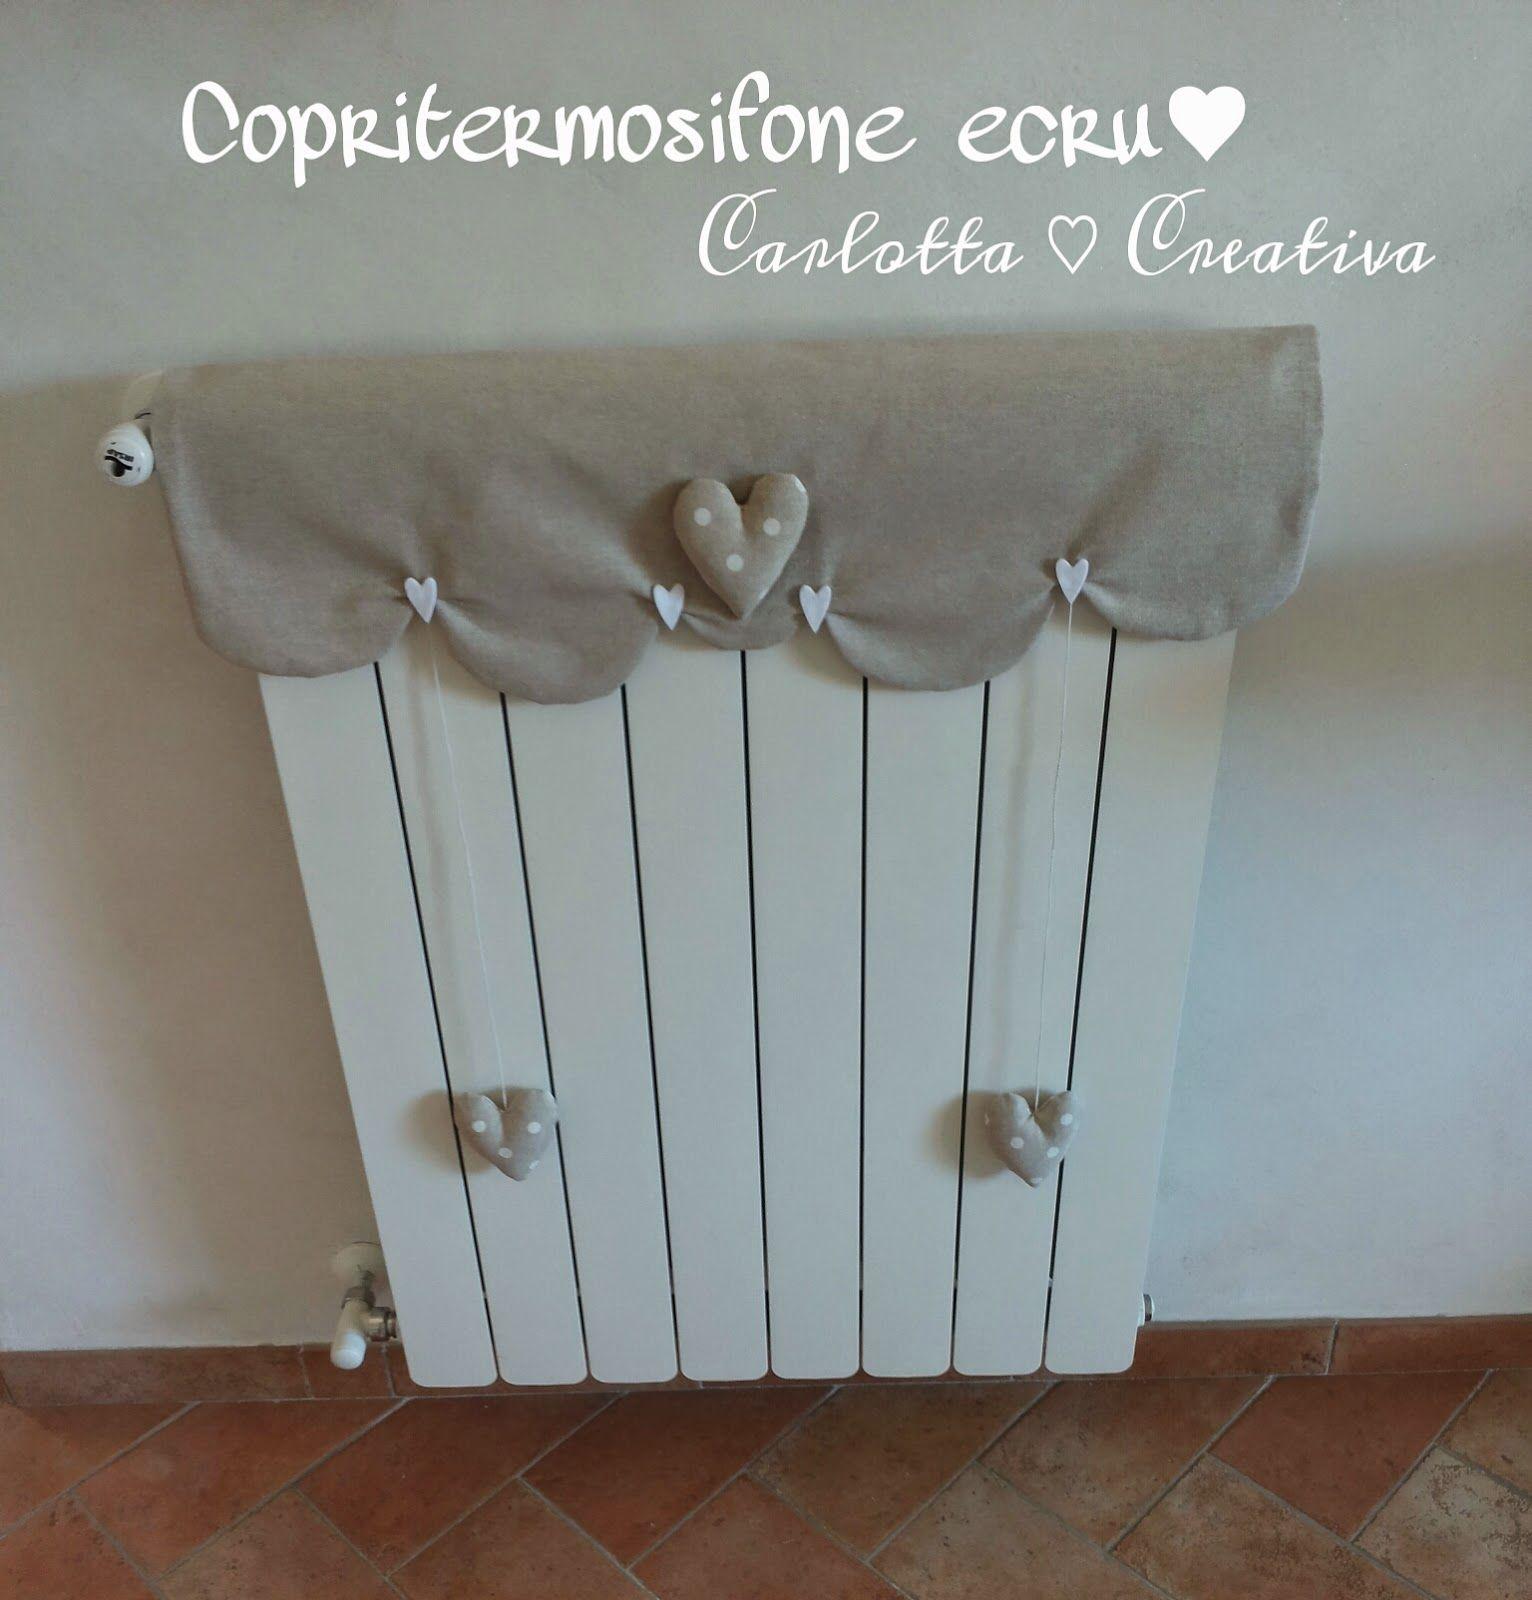 Carlotta creativa decorazione casa guante para cocina - Cortinas encima de radiadores ...